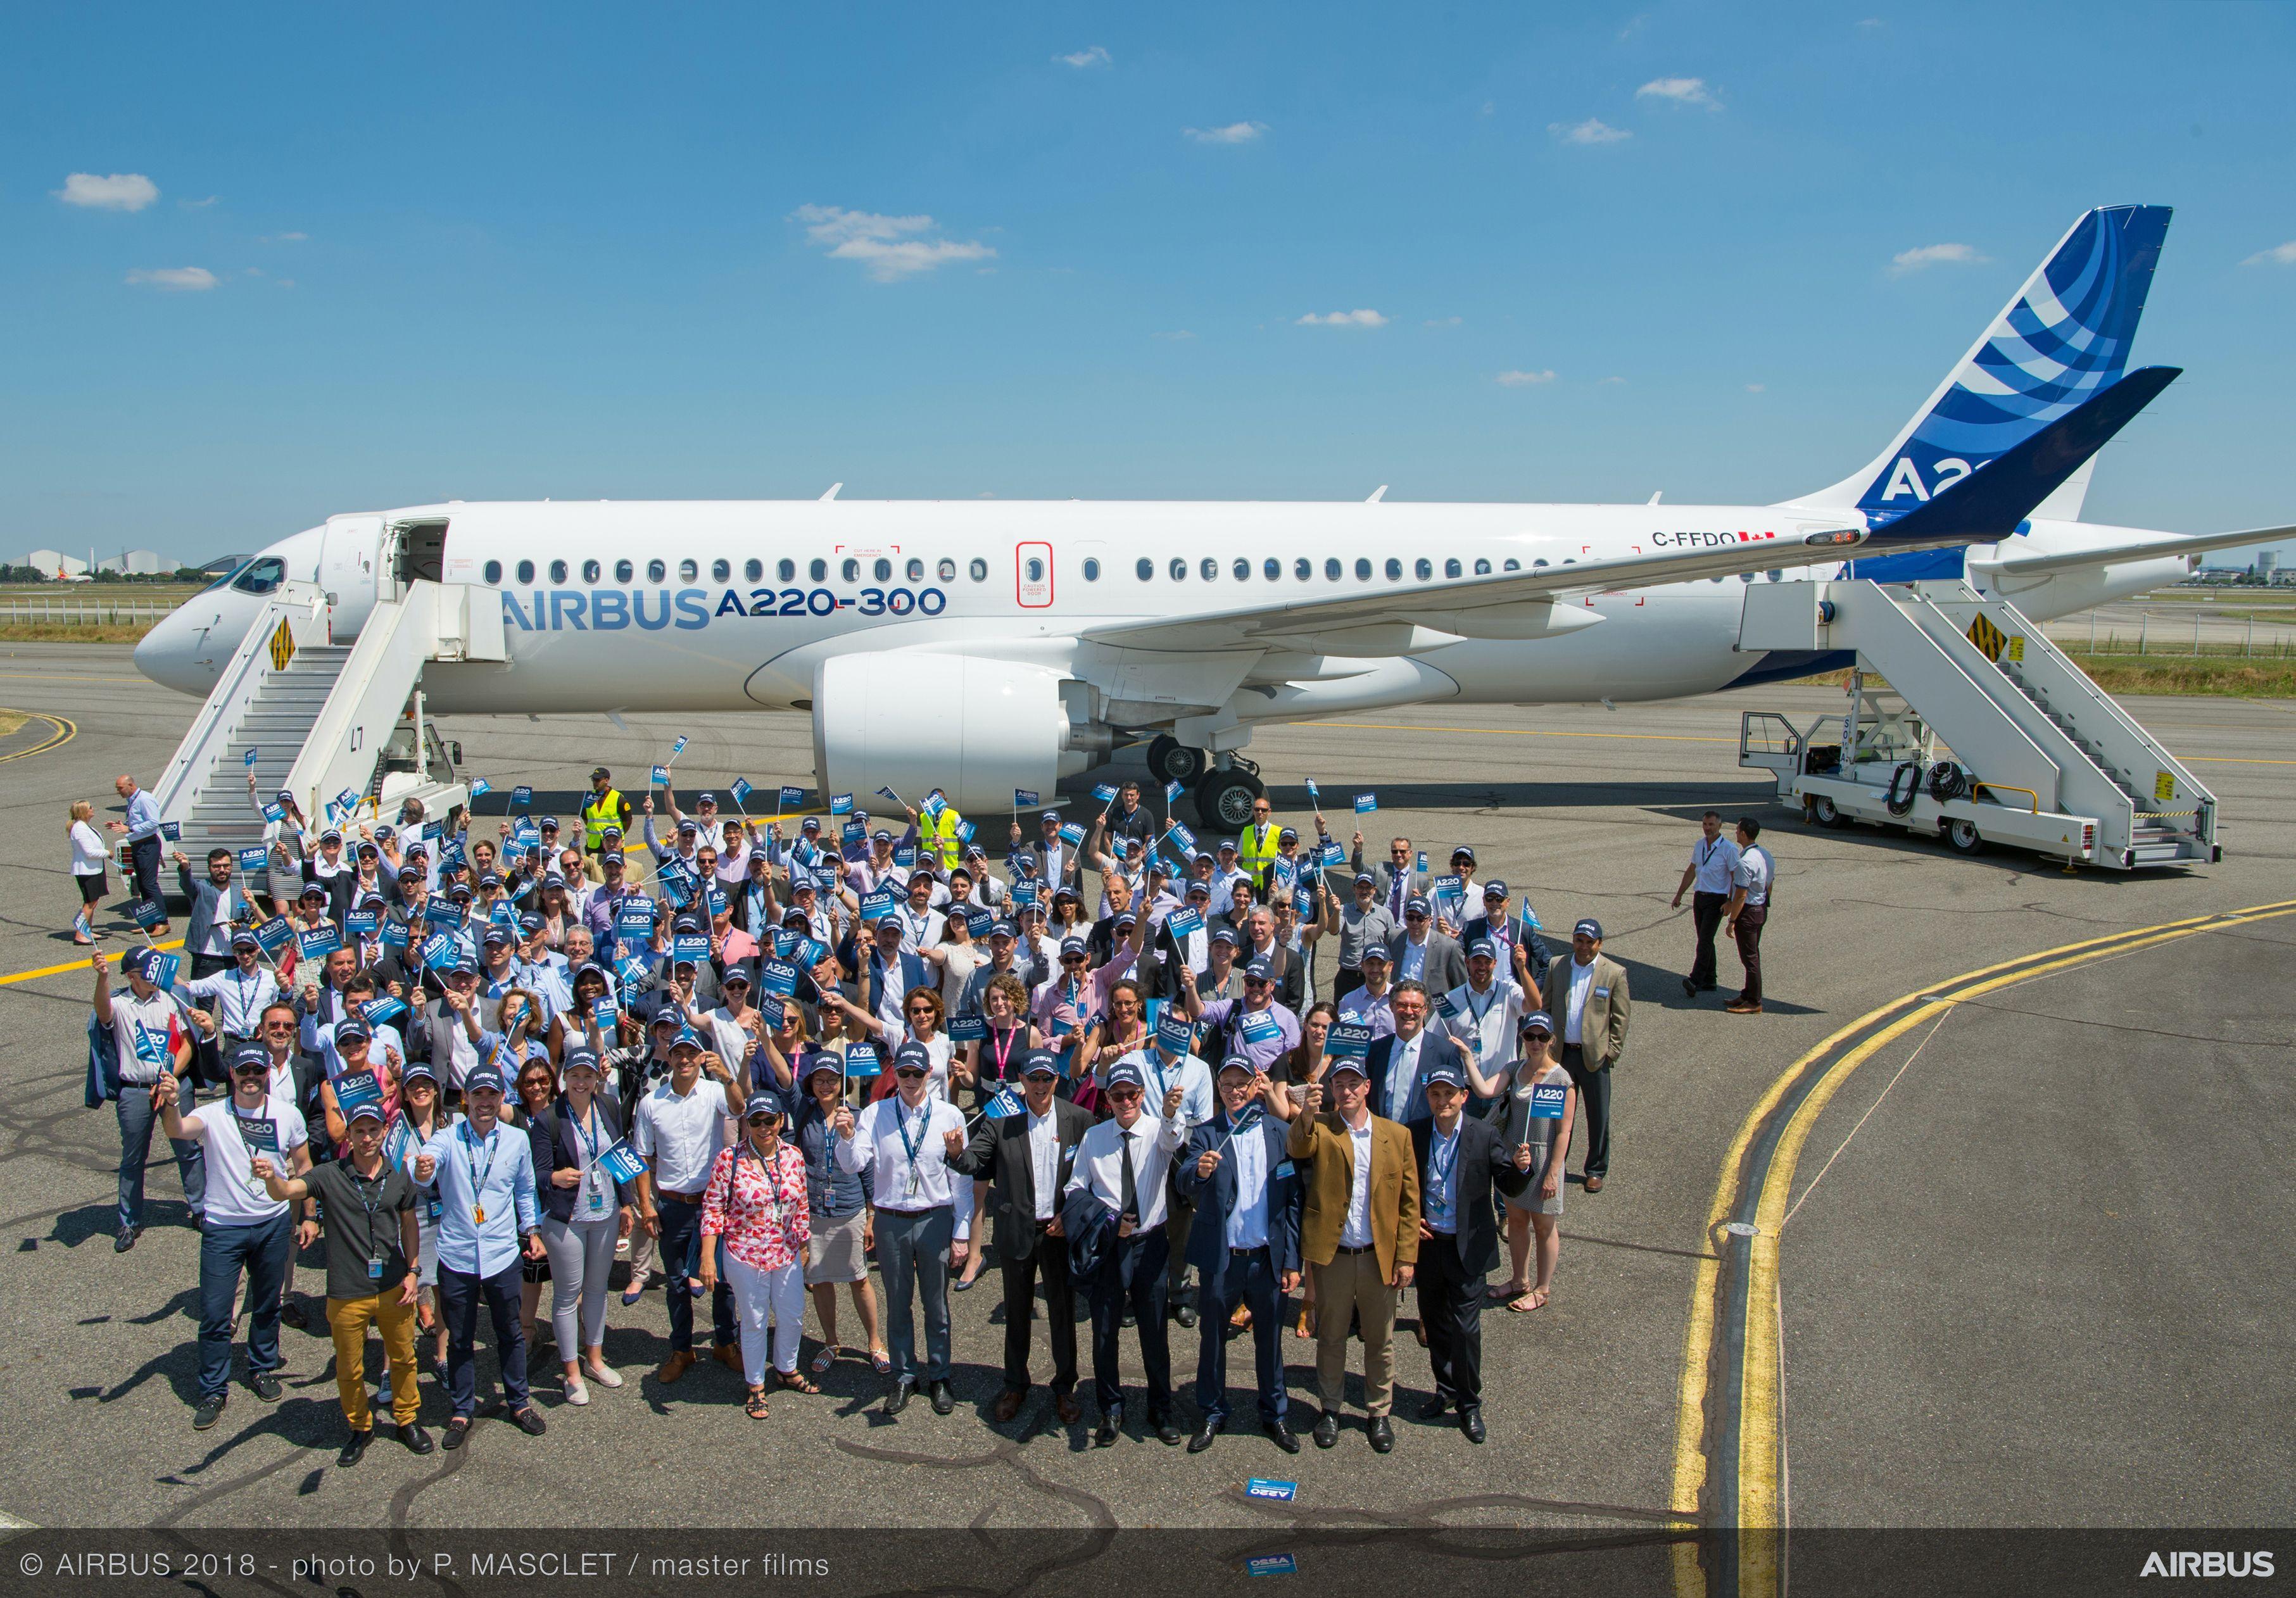 Продемонстрированный 10.07.2018 в Тулузе (Франция) самолет Airbus A220-300 - ребрендированный Bombardier CS300 (регистрационный номер C-FFDO, серийный номер 55002).